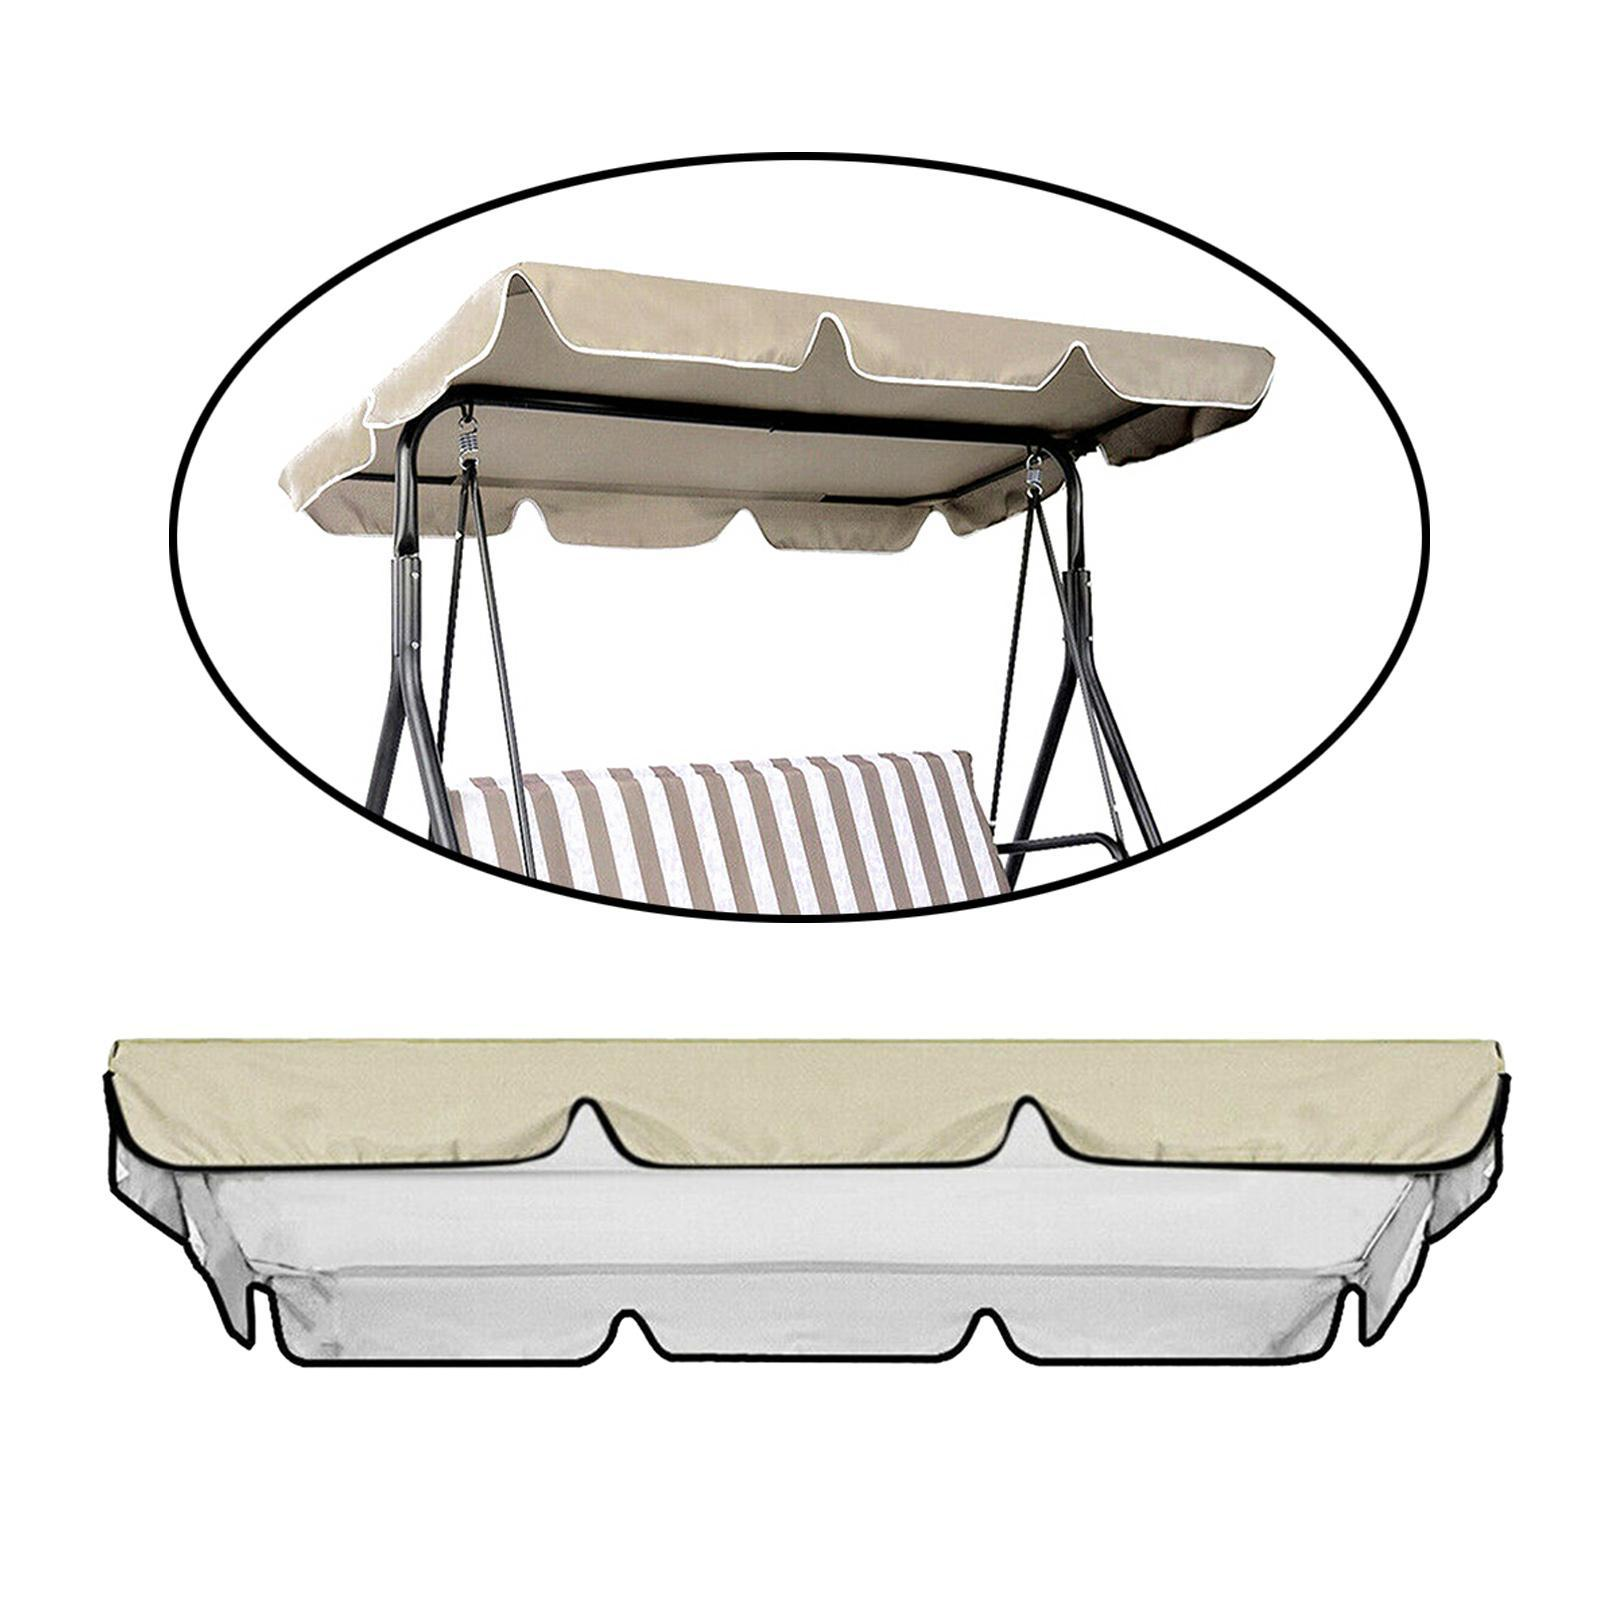 miniatura 21 - Copertura superiore della sedia a dondolo da giardino per esterni con